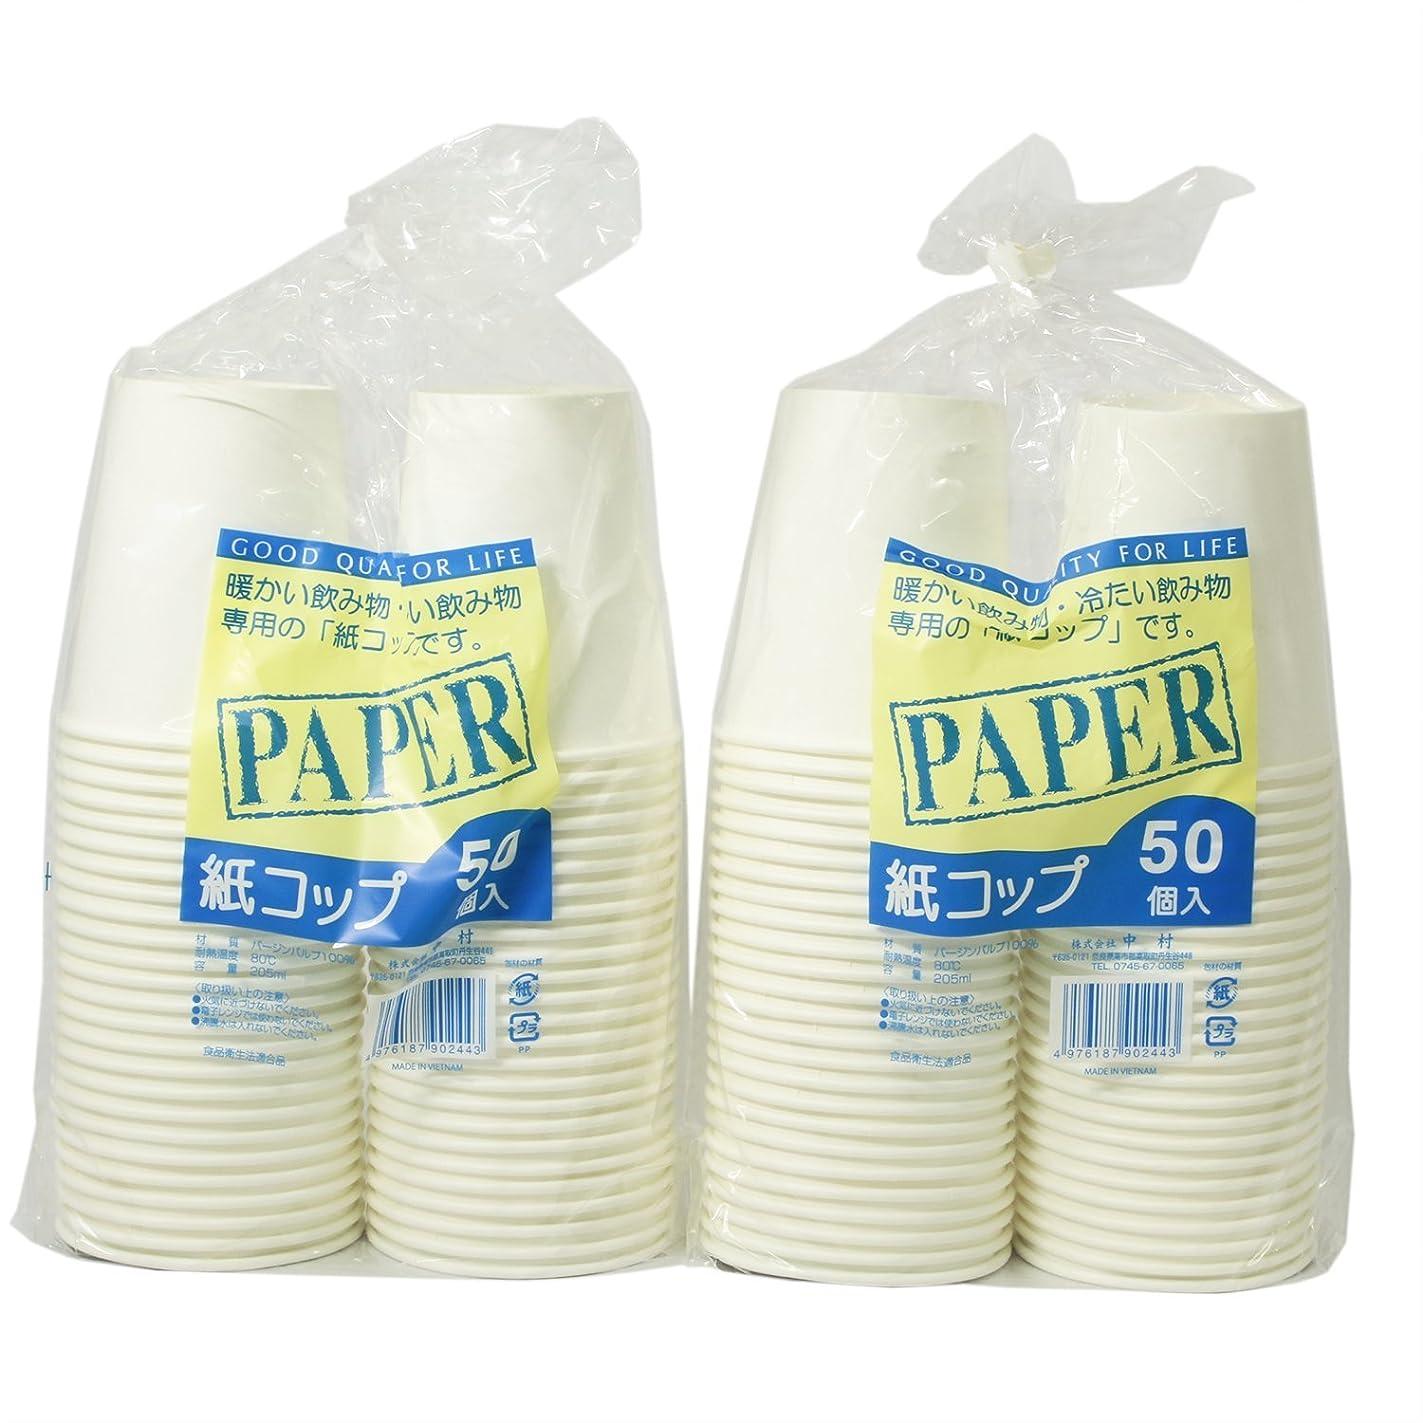 趣味怒っているミス中村 紙コップ 7オンス 50個入×2パック 満水容量約205ml 計100個